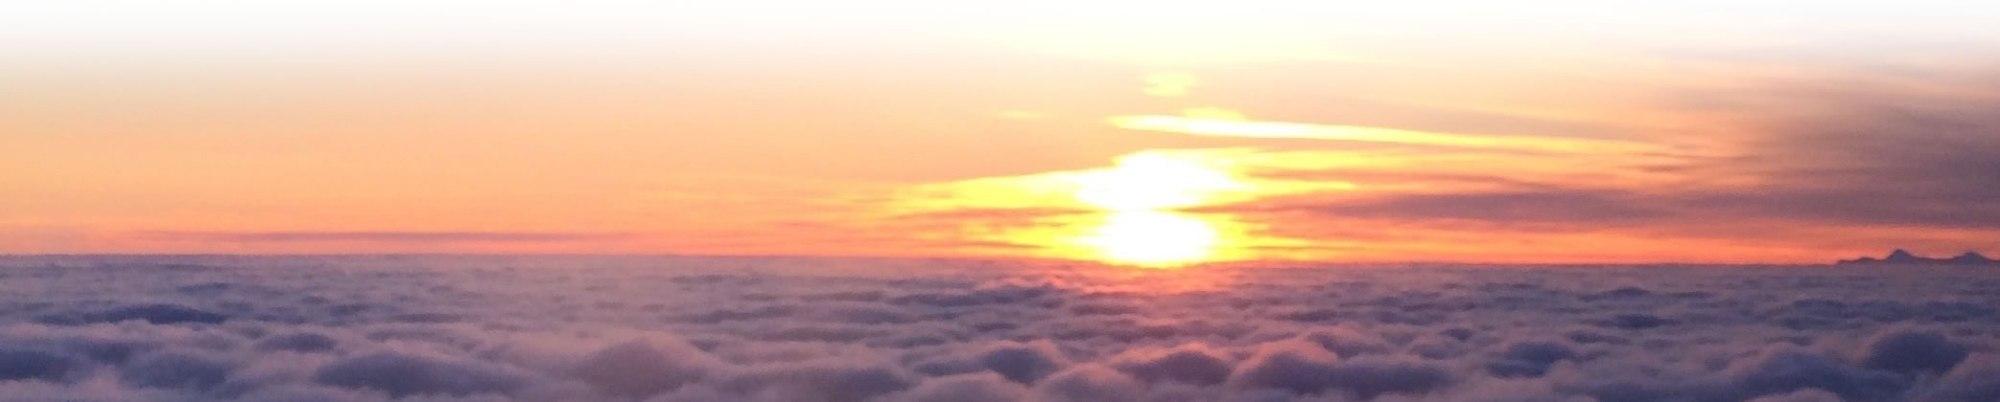 Micki Halloran Cloud Photo